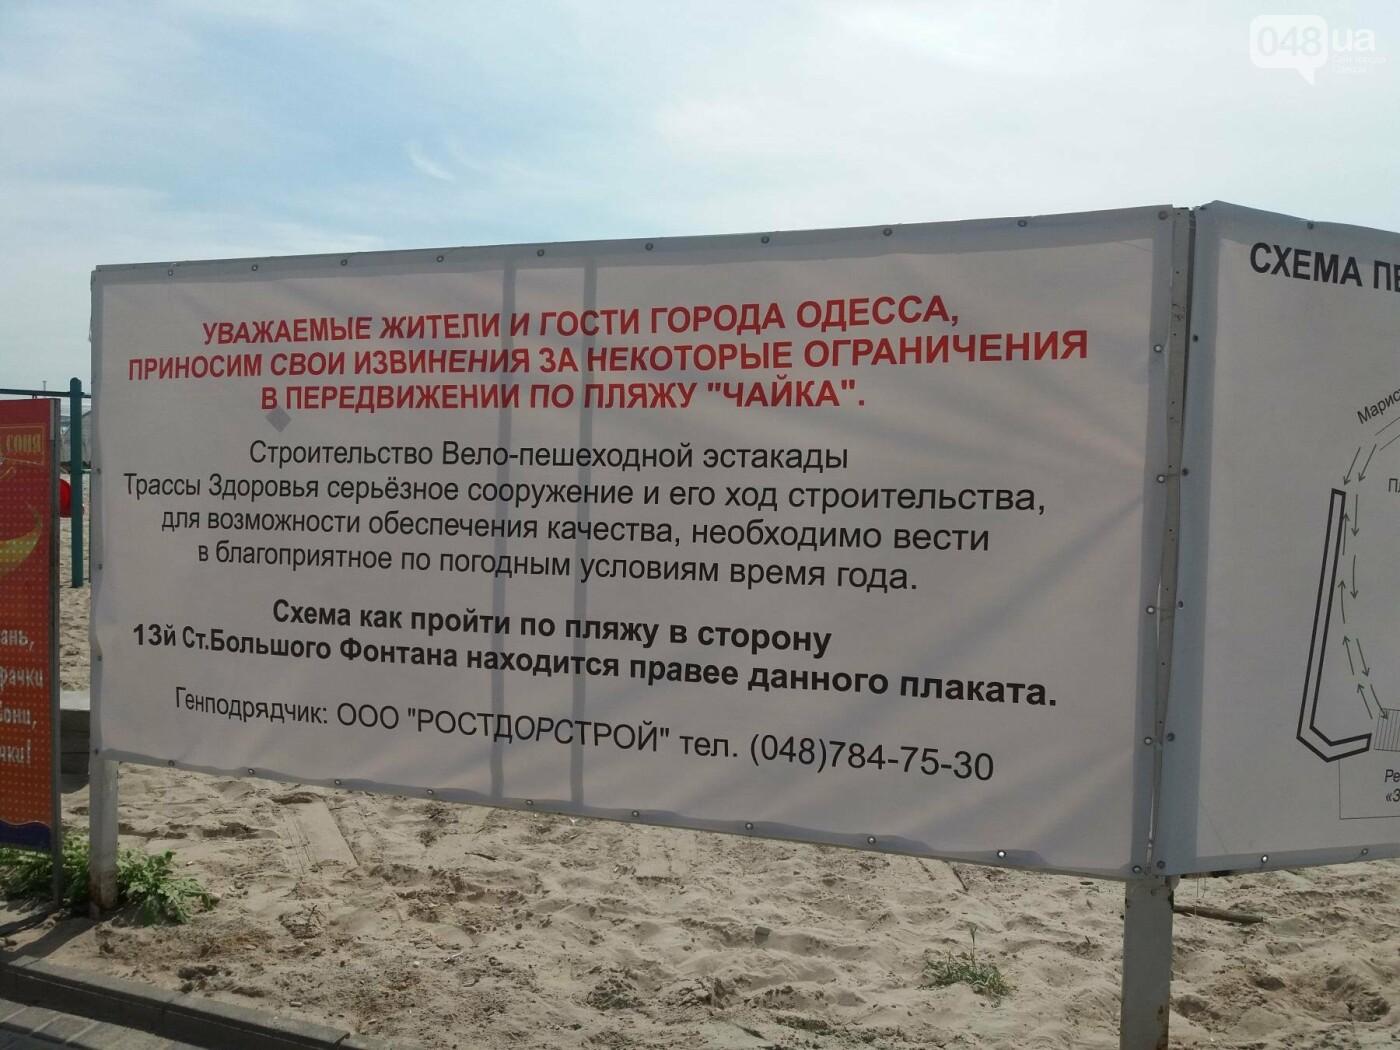 На 10 станции Фонтана в Одессе продолжается строительство эстакады, - ФОТО , фото-2